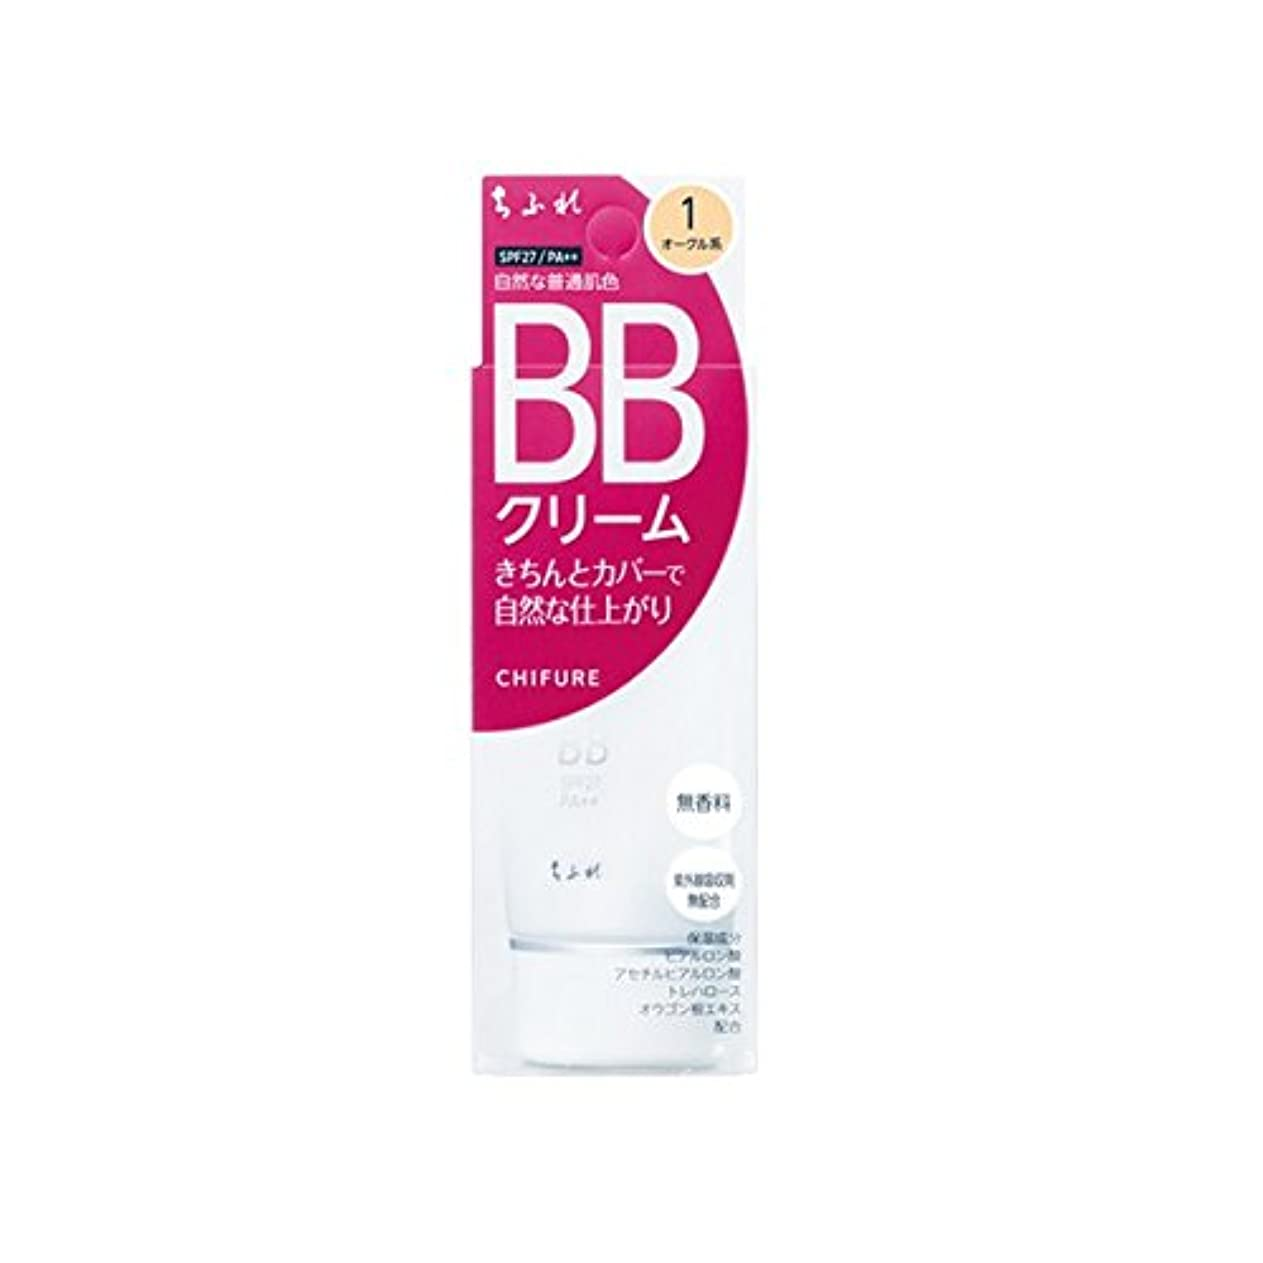 里親ボット持続するちふれ化粧品 BB クリーム 1 自然な普通肌色 BBクリーム 1